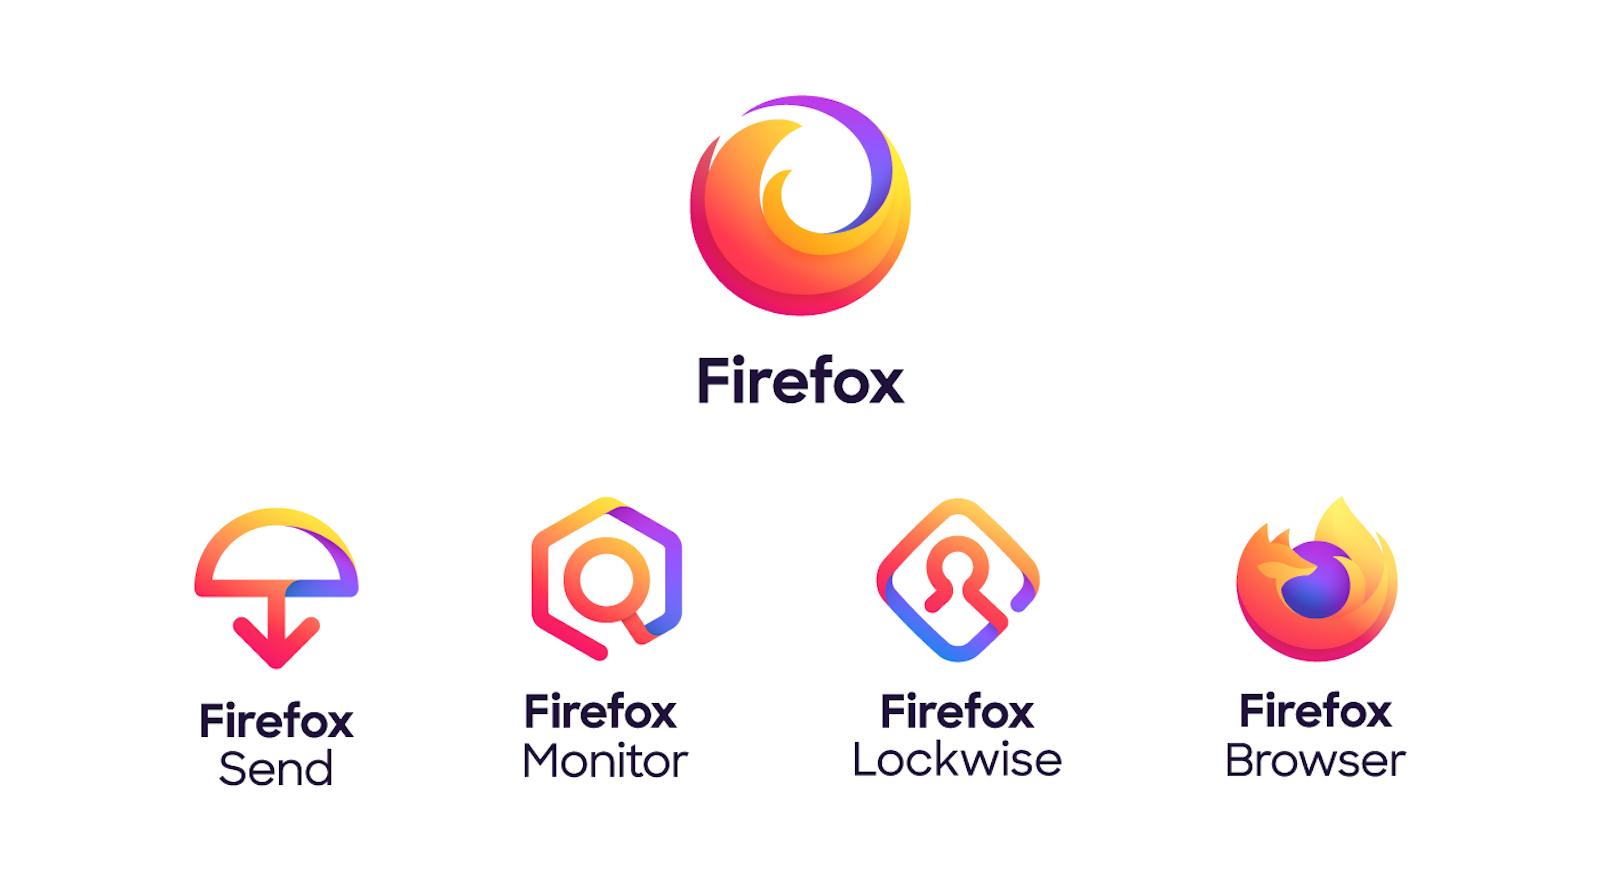 FX_Design_Blog_Logos_Family.jpg